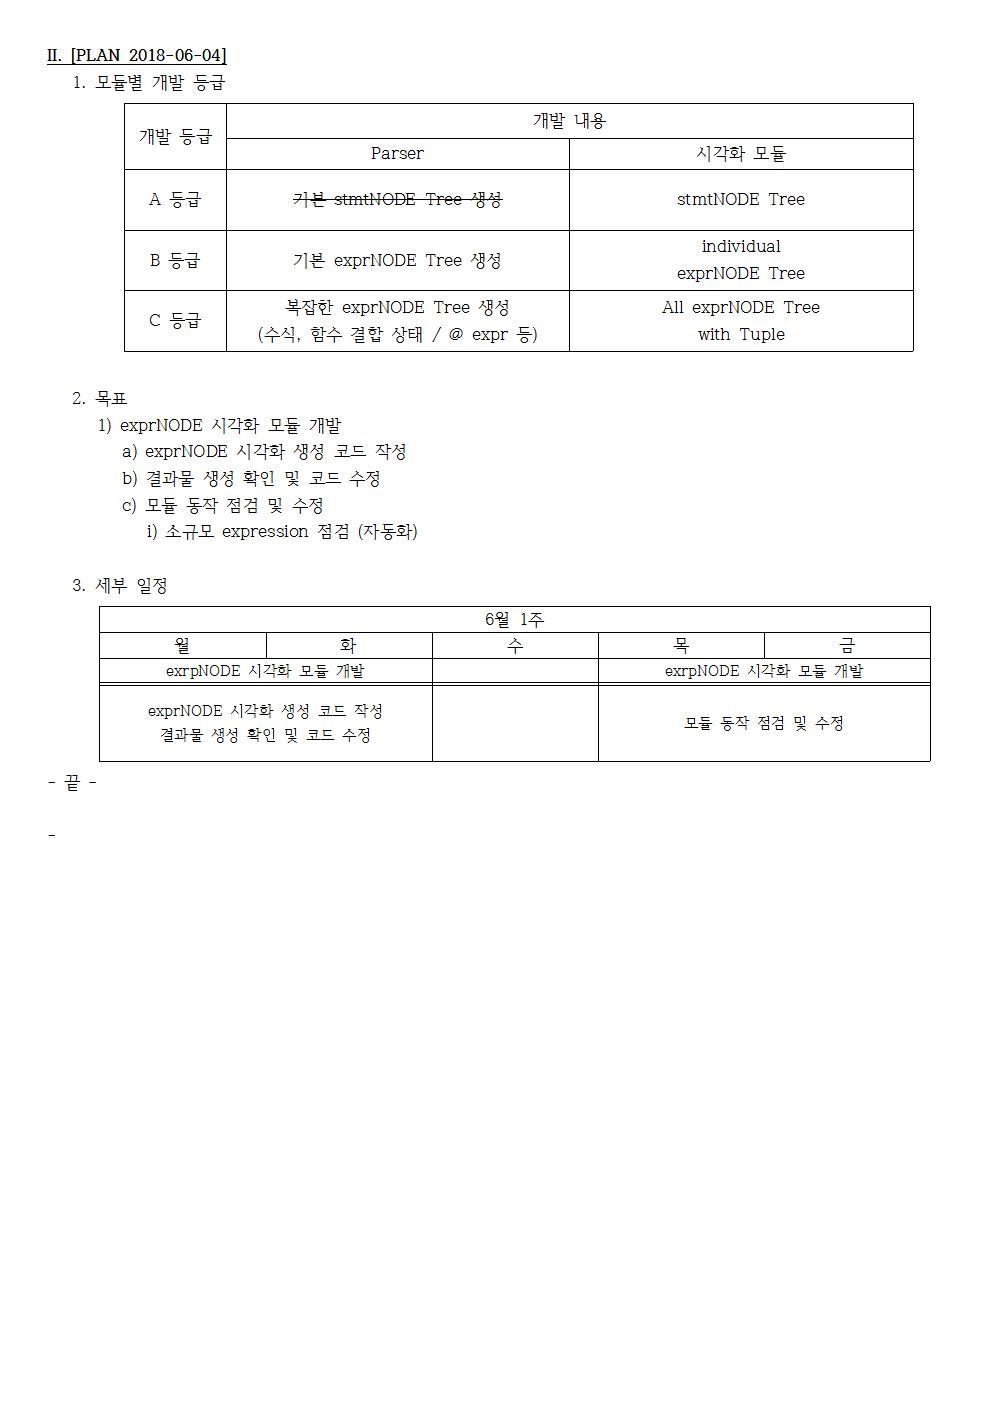 D-[18-003-RD-03]-[SRRE]-[2018-06-04][JS]002.jpg